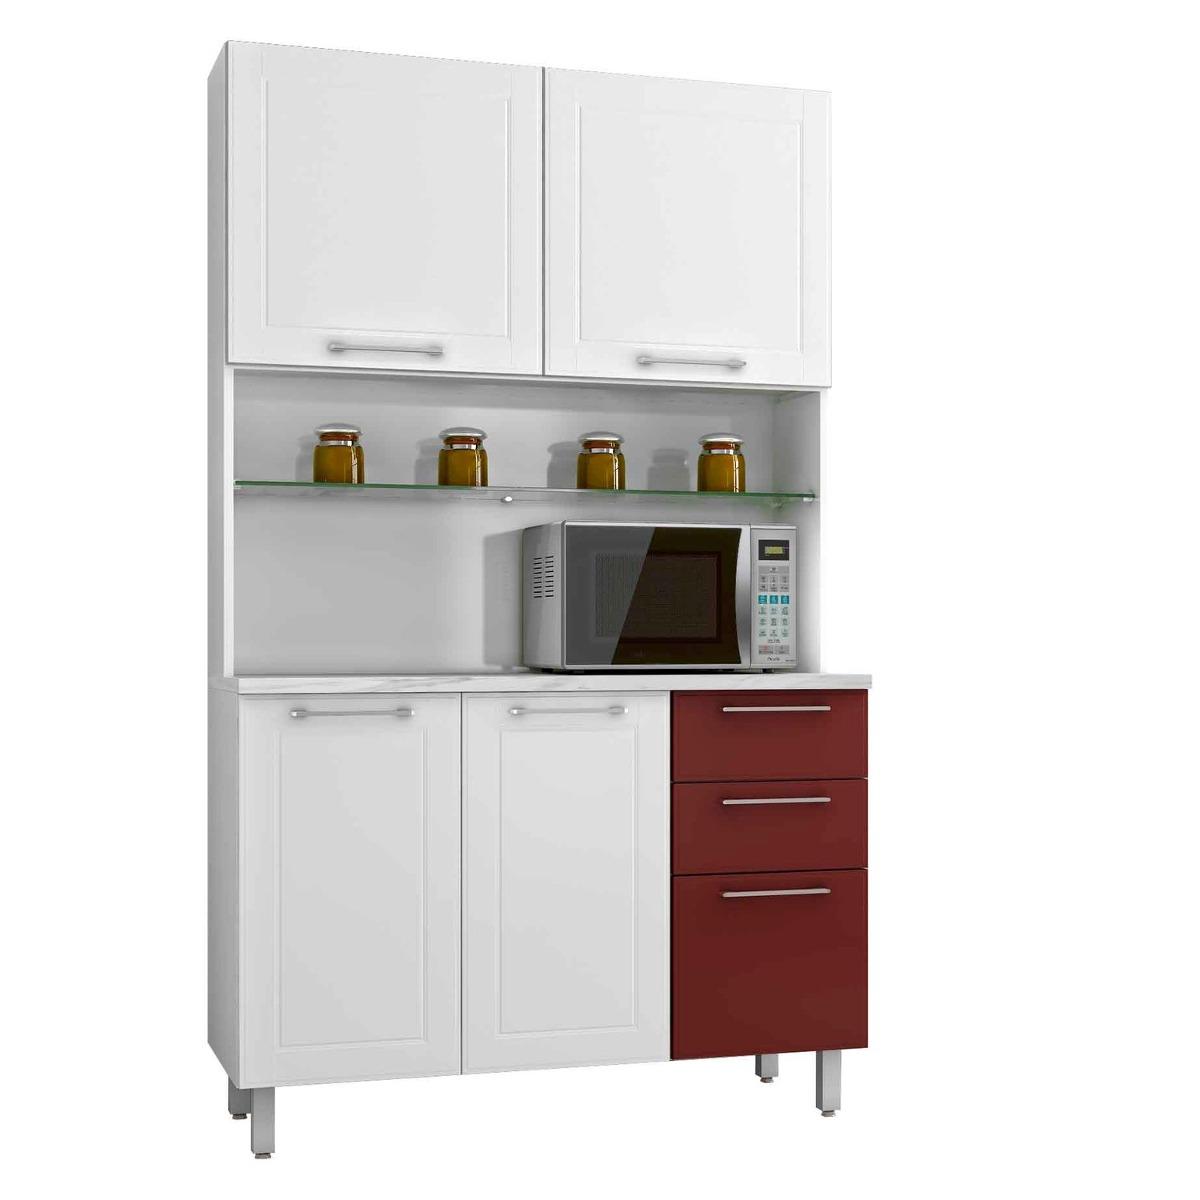 Cozinha Compacta Em Aço Casa Mob 4 Portas 3 Gavetas R$ 883 90 no  #662820 1200 1200